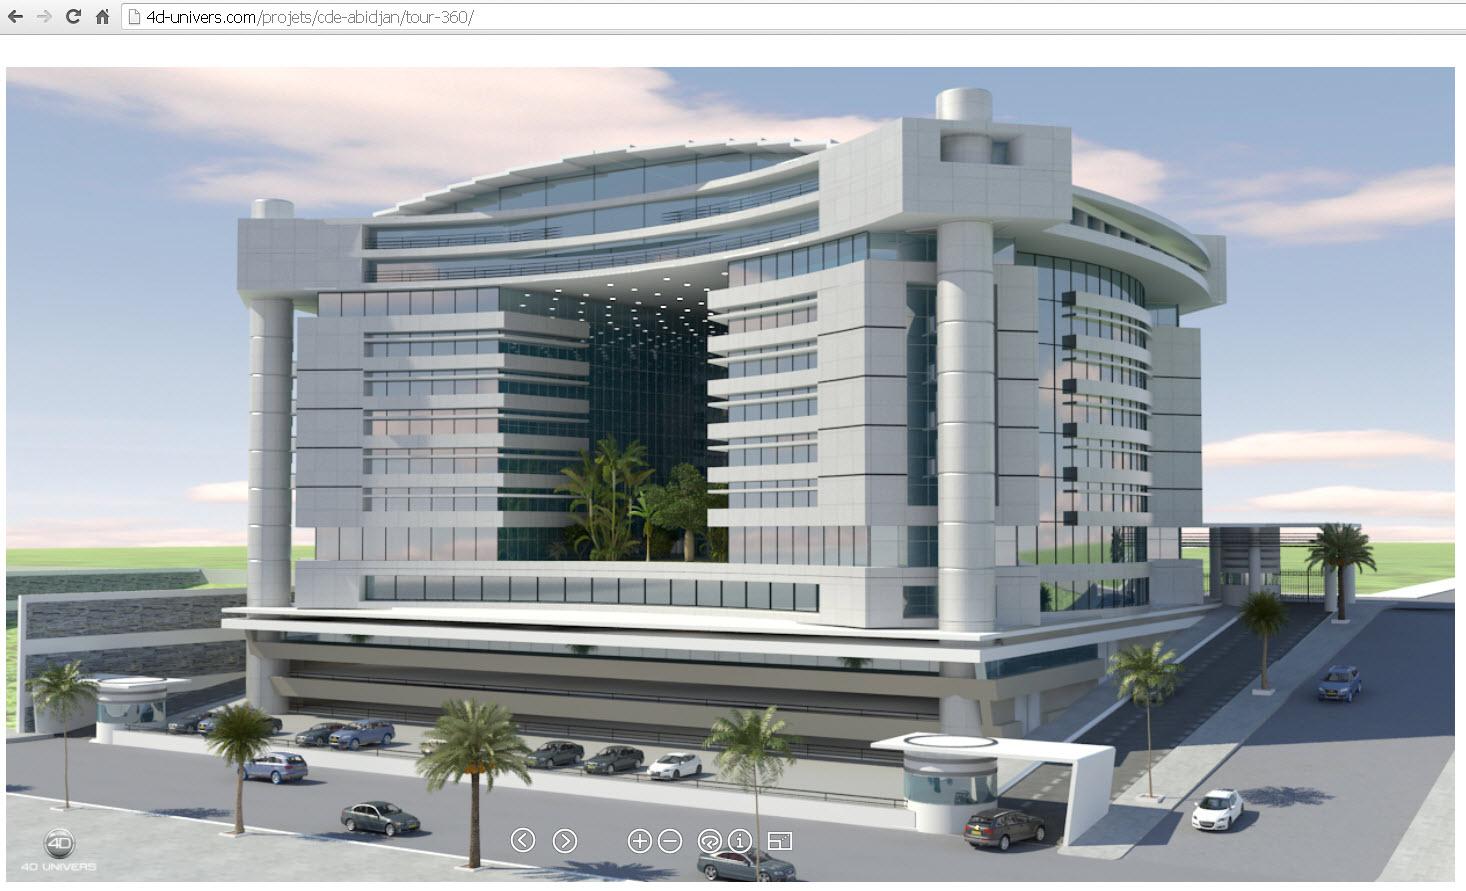 Tour 360 Banque 3d 4d Univers Studio Animation 3d Architecture 3d Visites Virtuelles 360 Industrie 3d Immobilier 3d Urbanisme